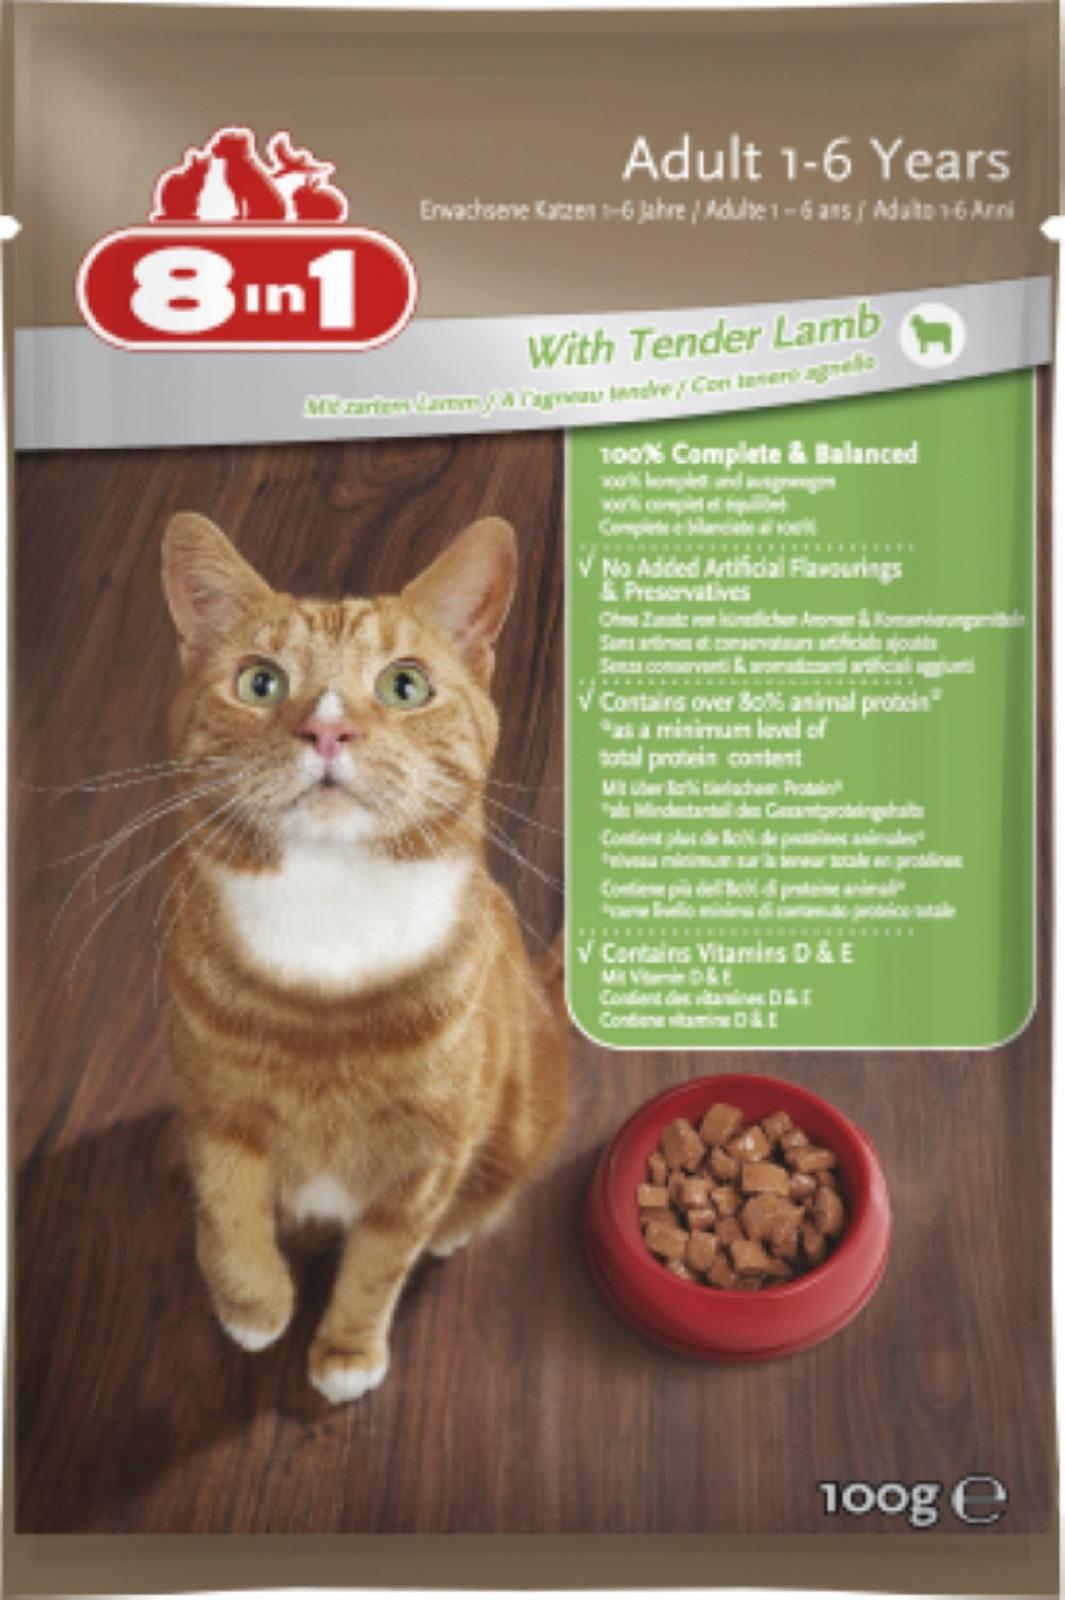 8in1 Katzenfutter für erwachsene Katzen Lamm 100g